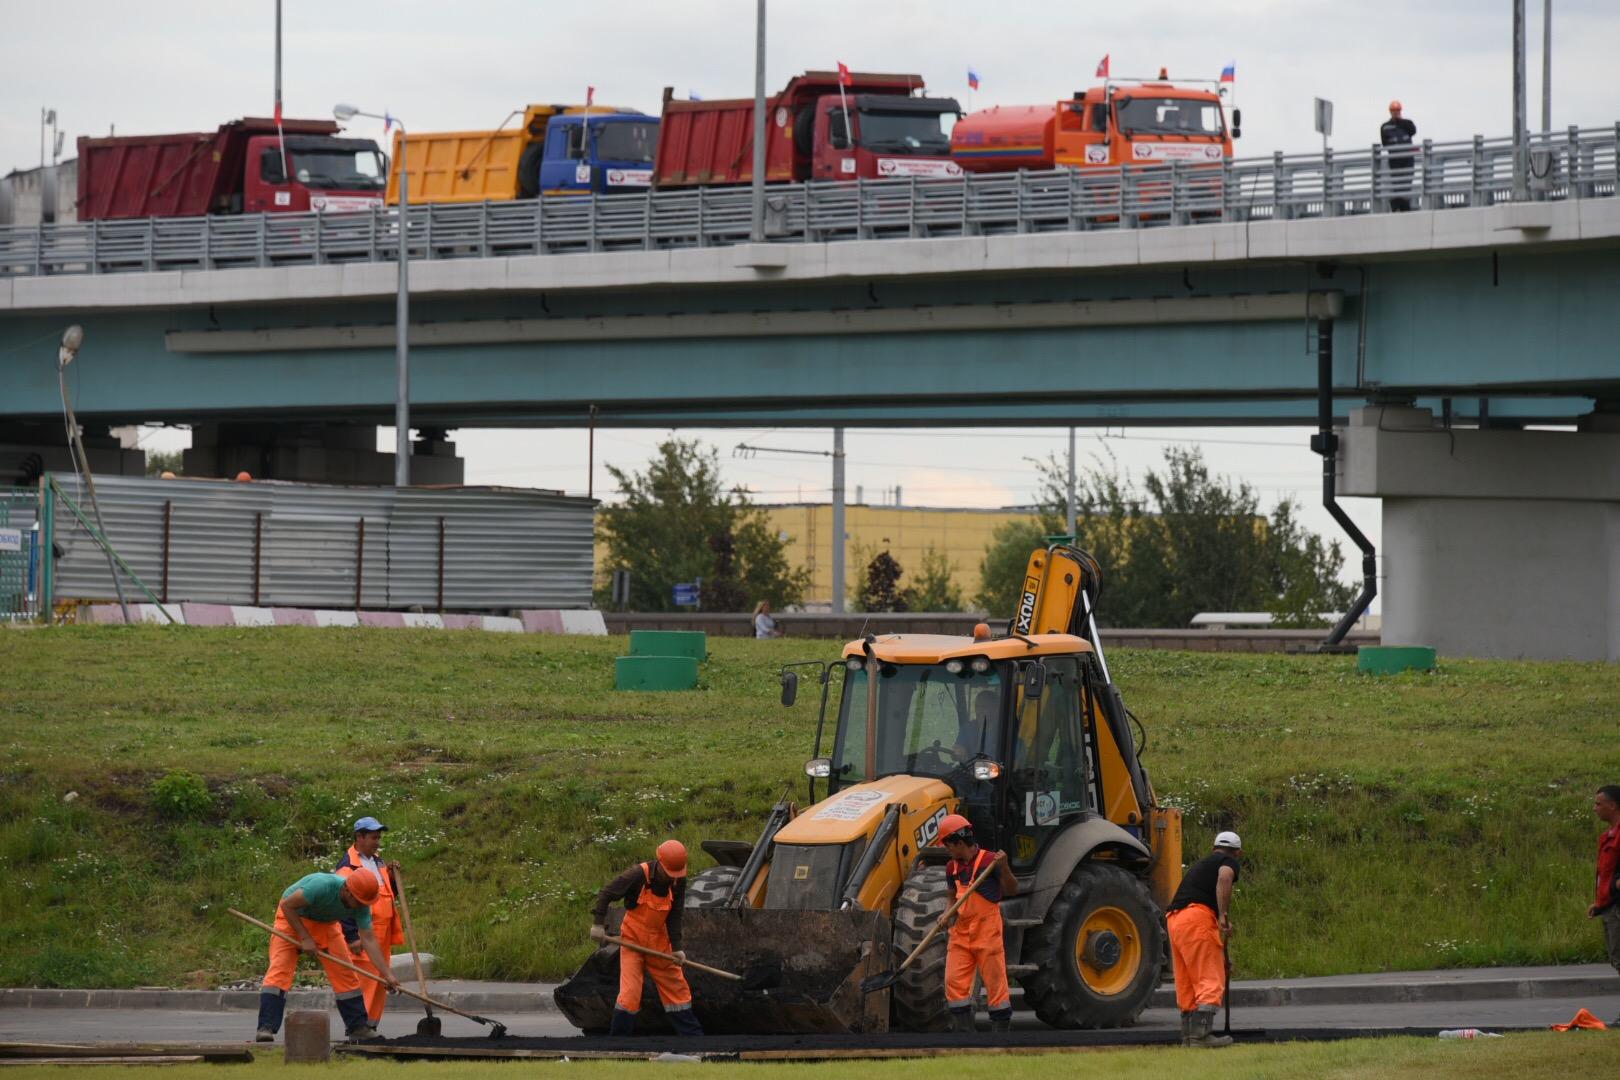 Москвичам рассказали о новых объектах на Варшавском шоссе